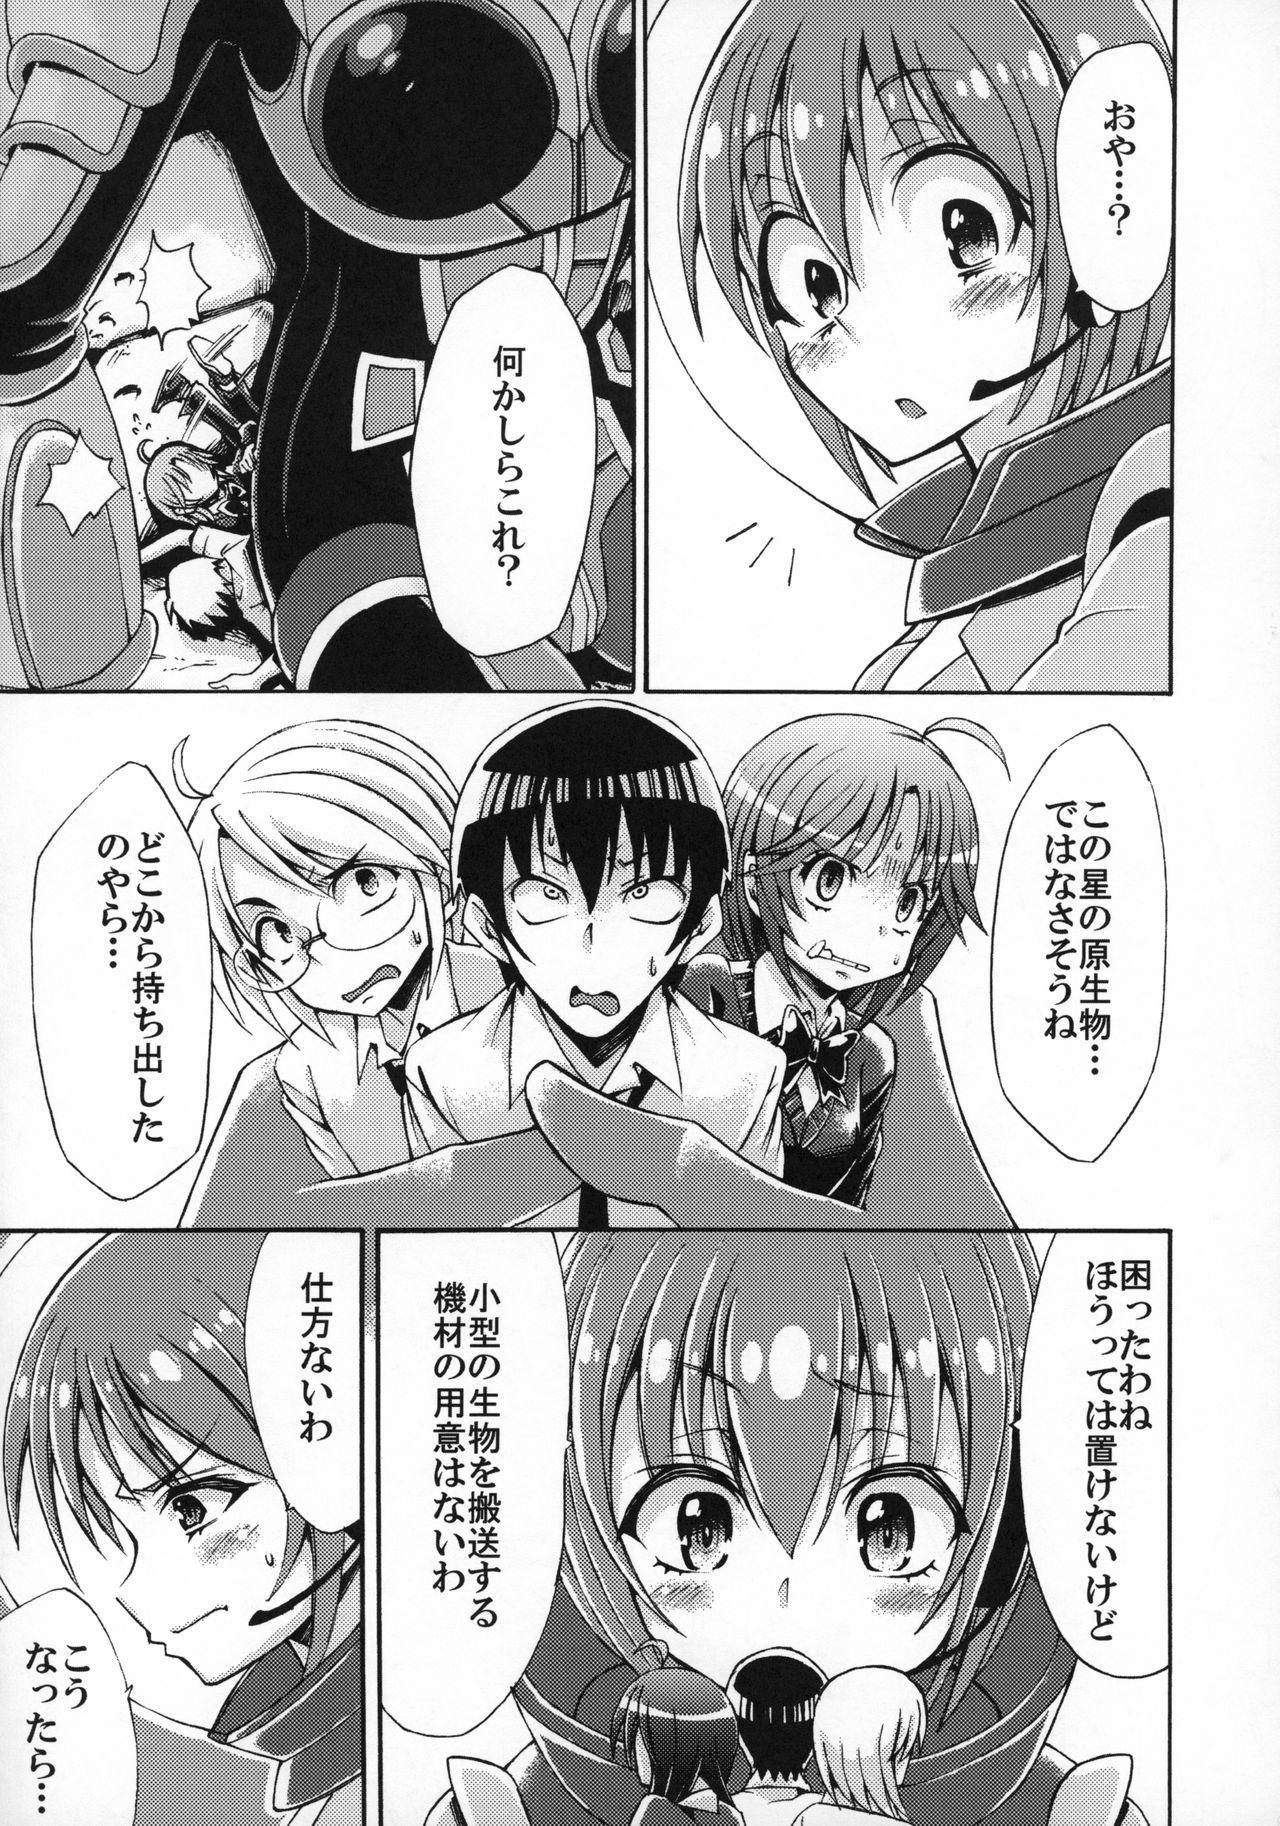 Uchuujin x Kyojo / Size-sa Goudoushi Reiwagou 21